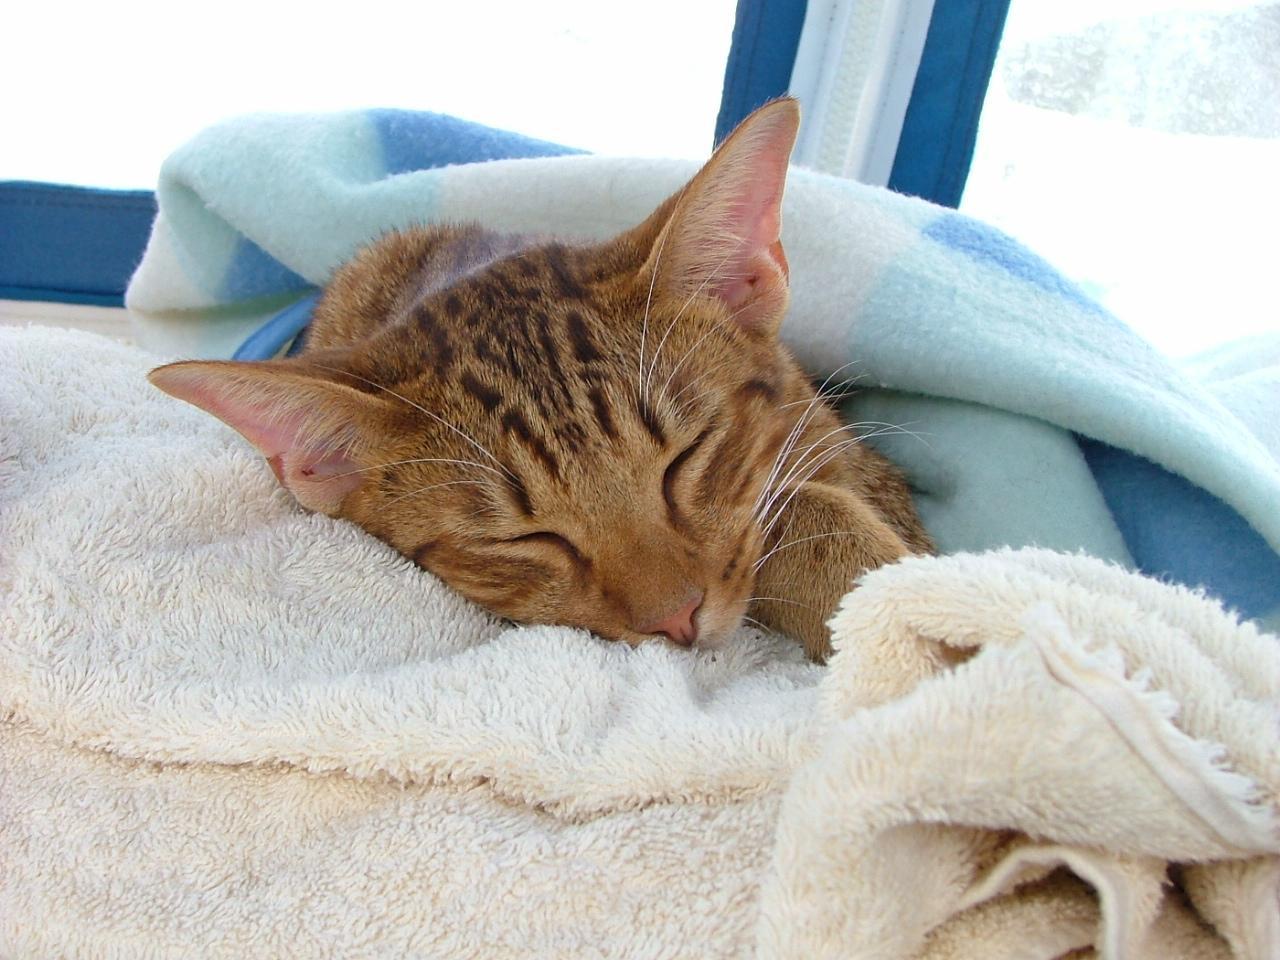 Цистит у кота симптомы и лечение в домашних условиях